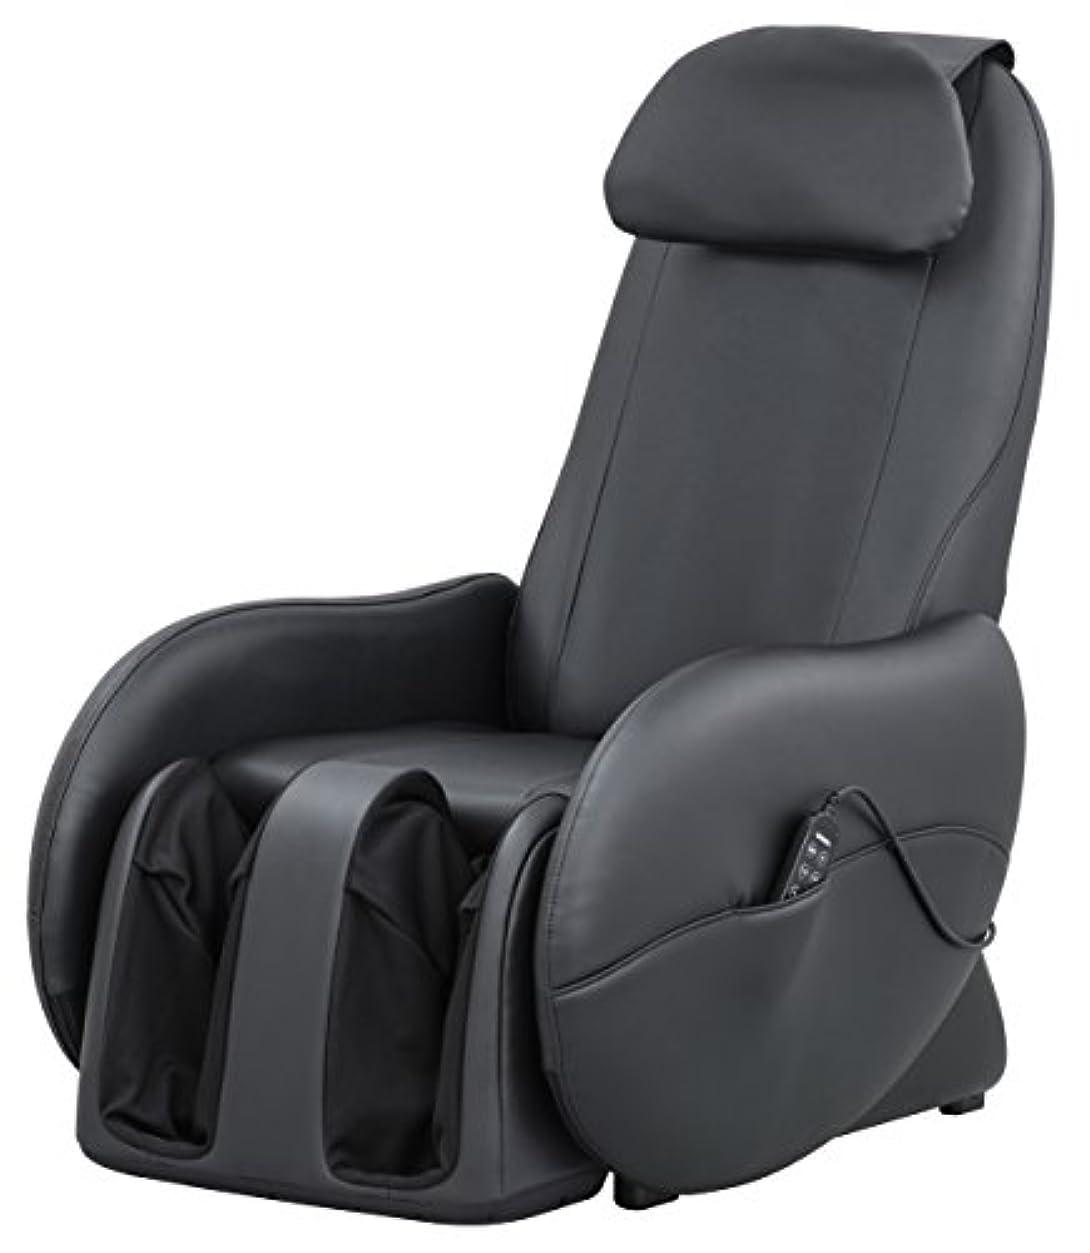 ペナルティハング防止スライヴ くつろぎ指定席Light マッサージチェア CHD-3700BK 正規品 ブラック おしゃれ コンパクト 小型